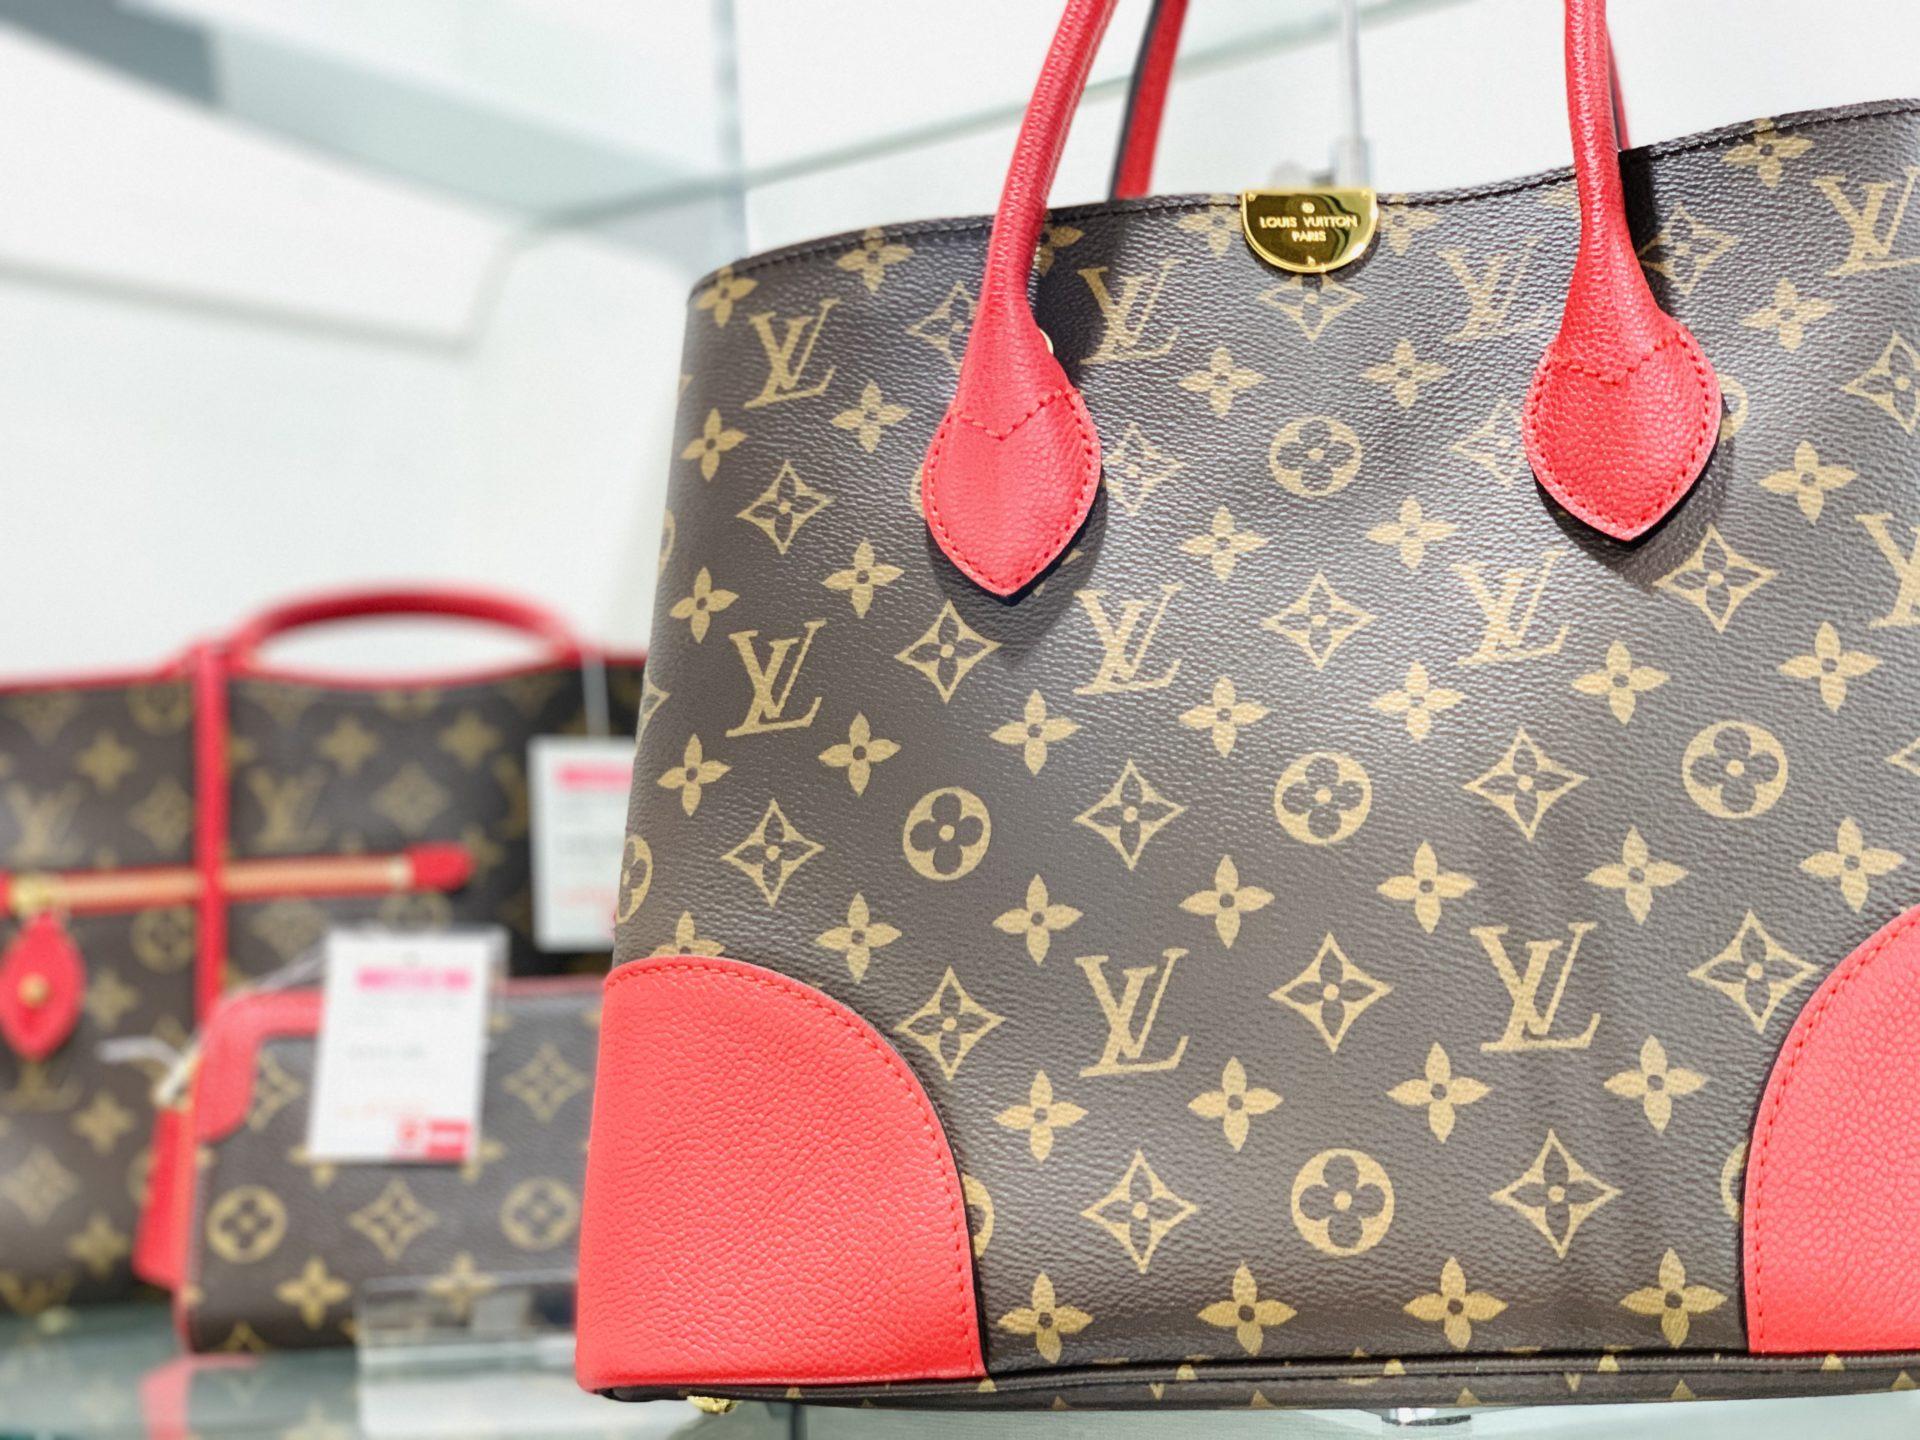 【盛岡 ブランド 販売】LOUIS VUITTON ルイヴィトンのバッグやお財布が入荷しました♪